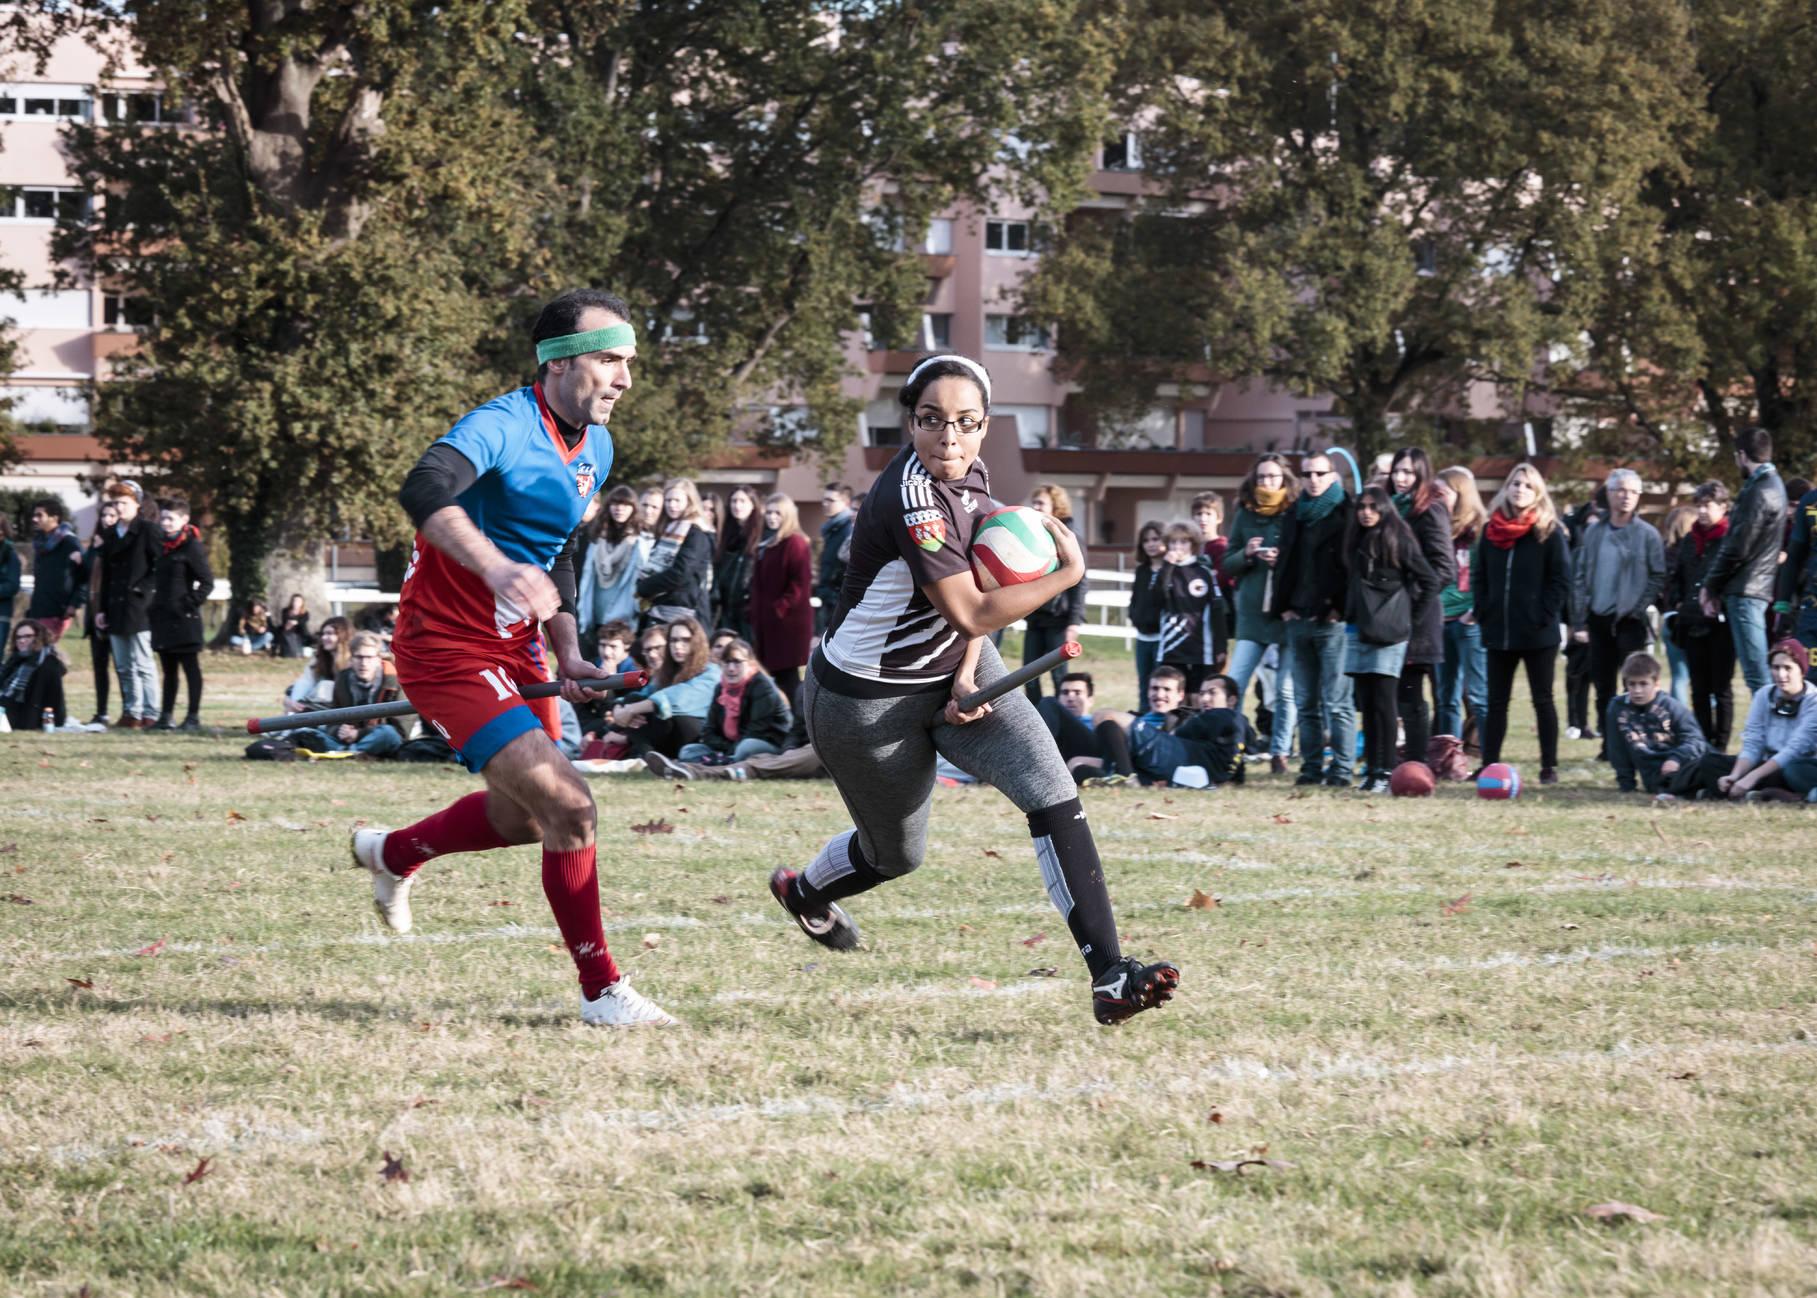 sport étudiants quidditch